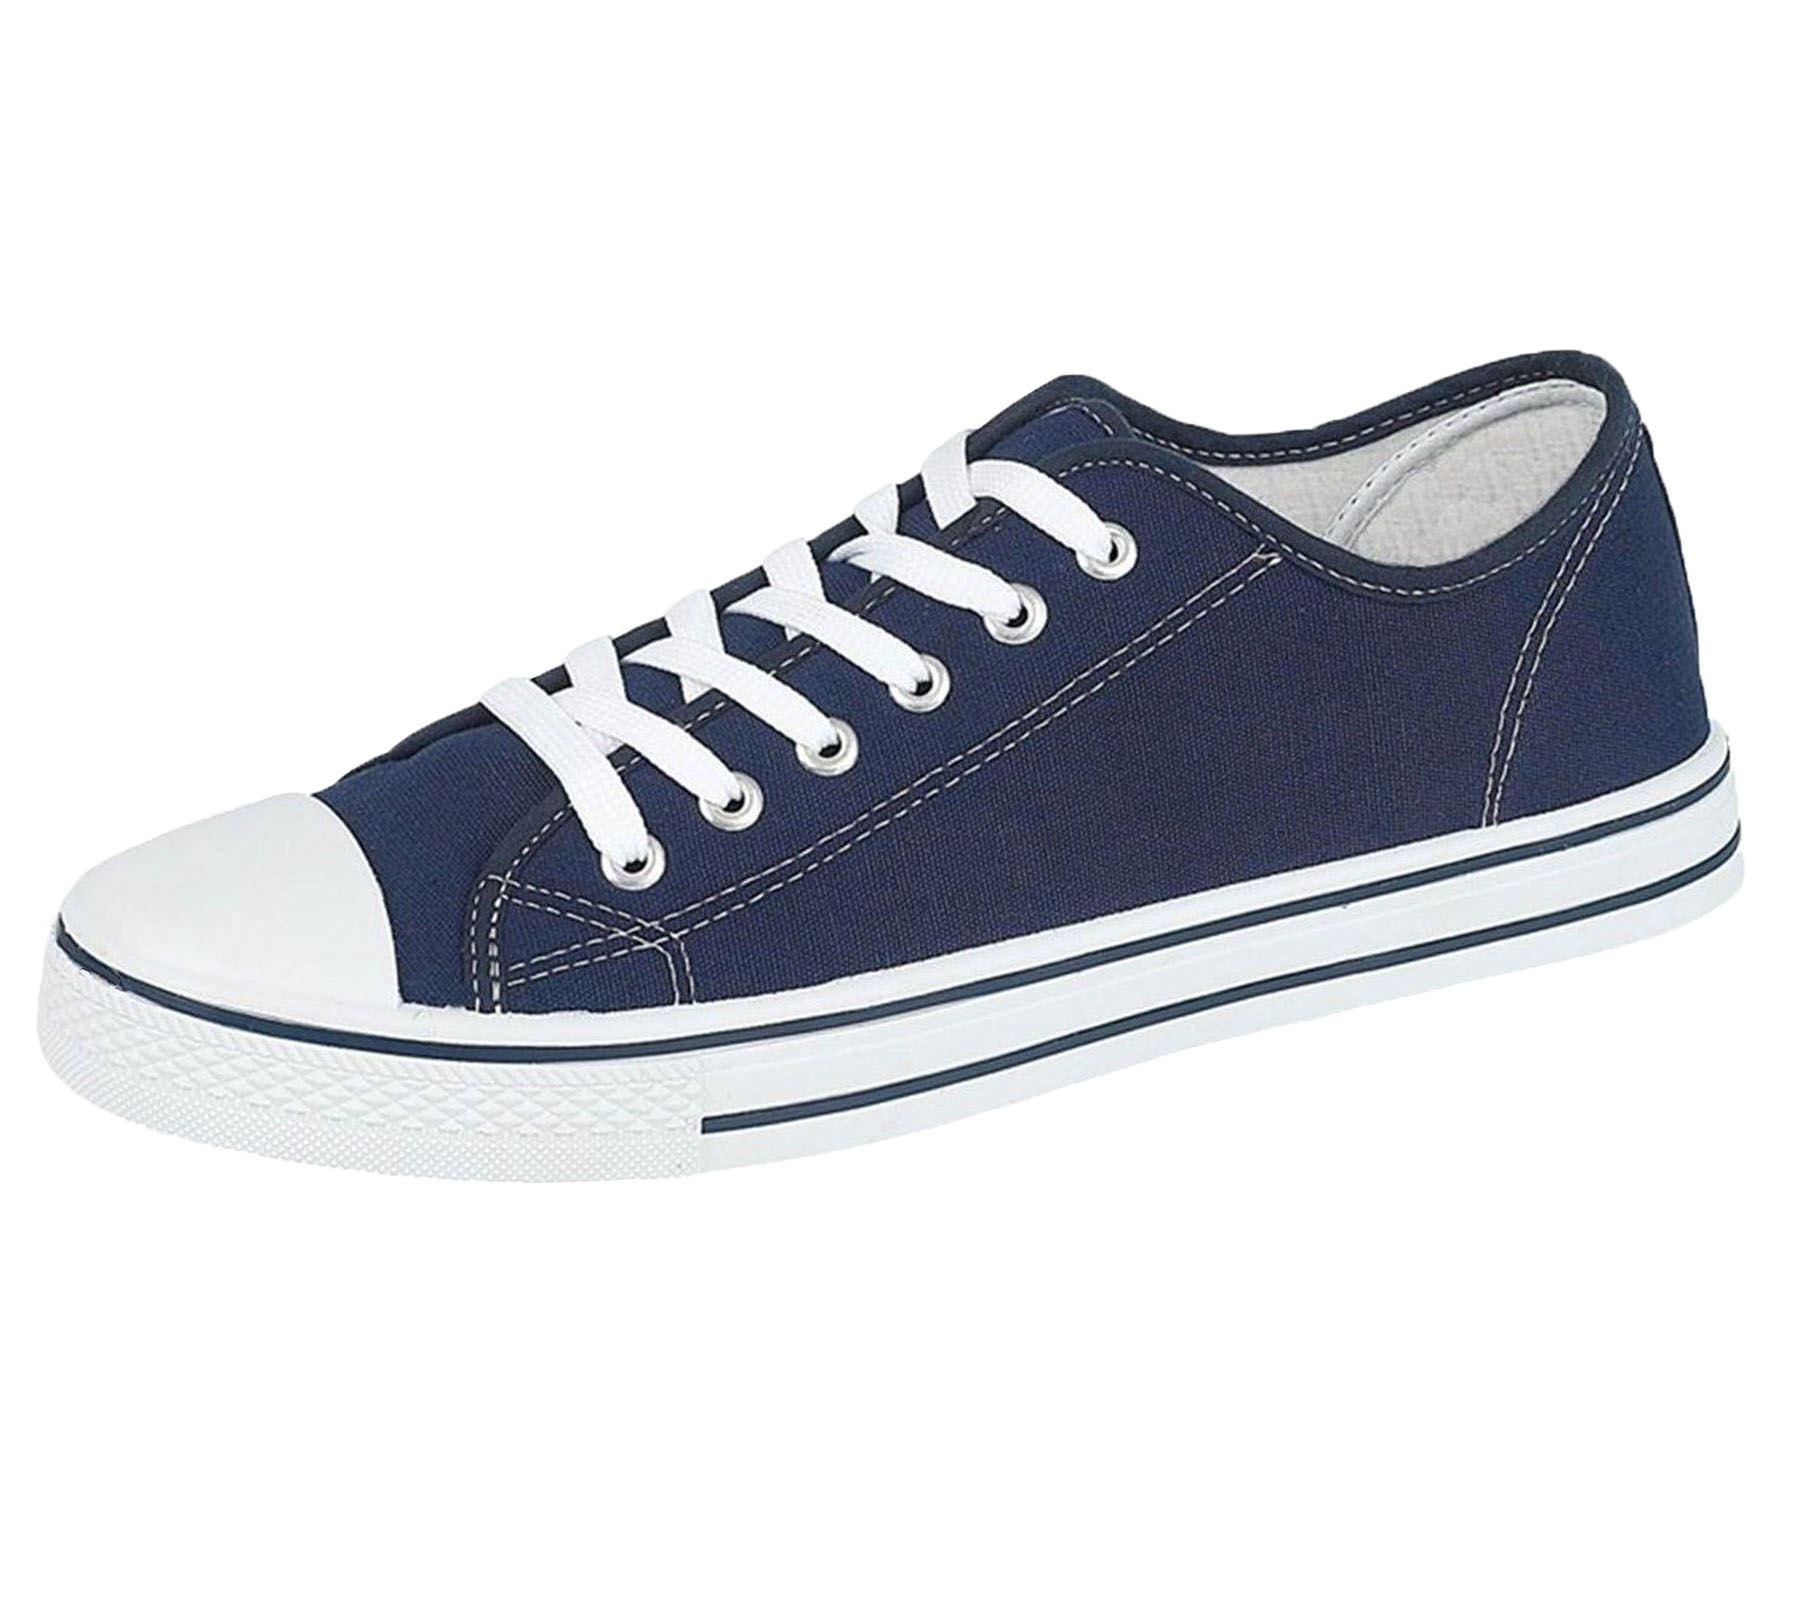 Mens-Canvas-Shoes-Plimsole-Trainer-Pumps-Lace-Up-Flat-Shoes thumbnail 23